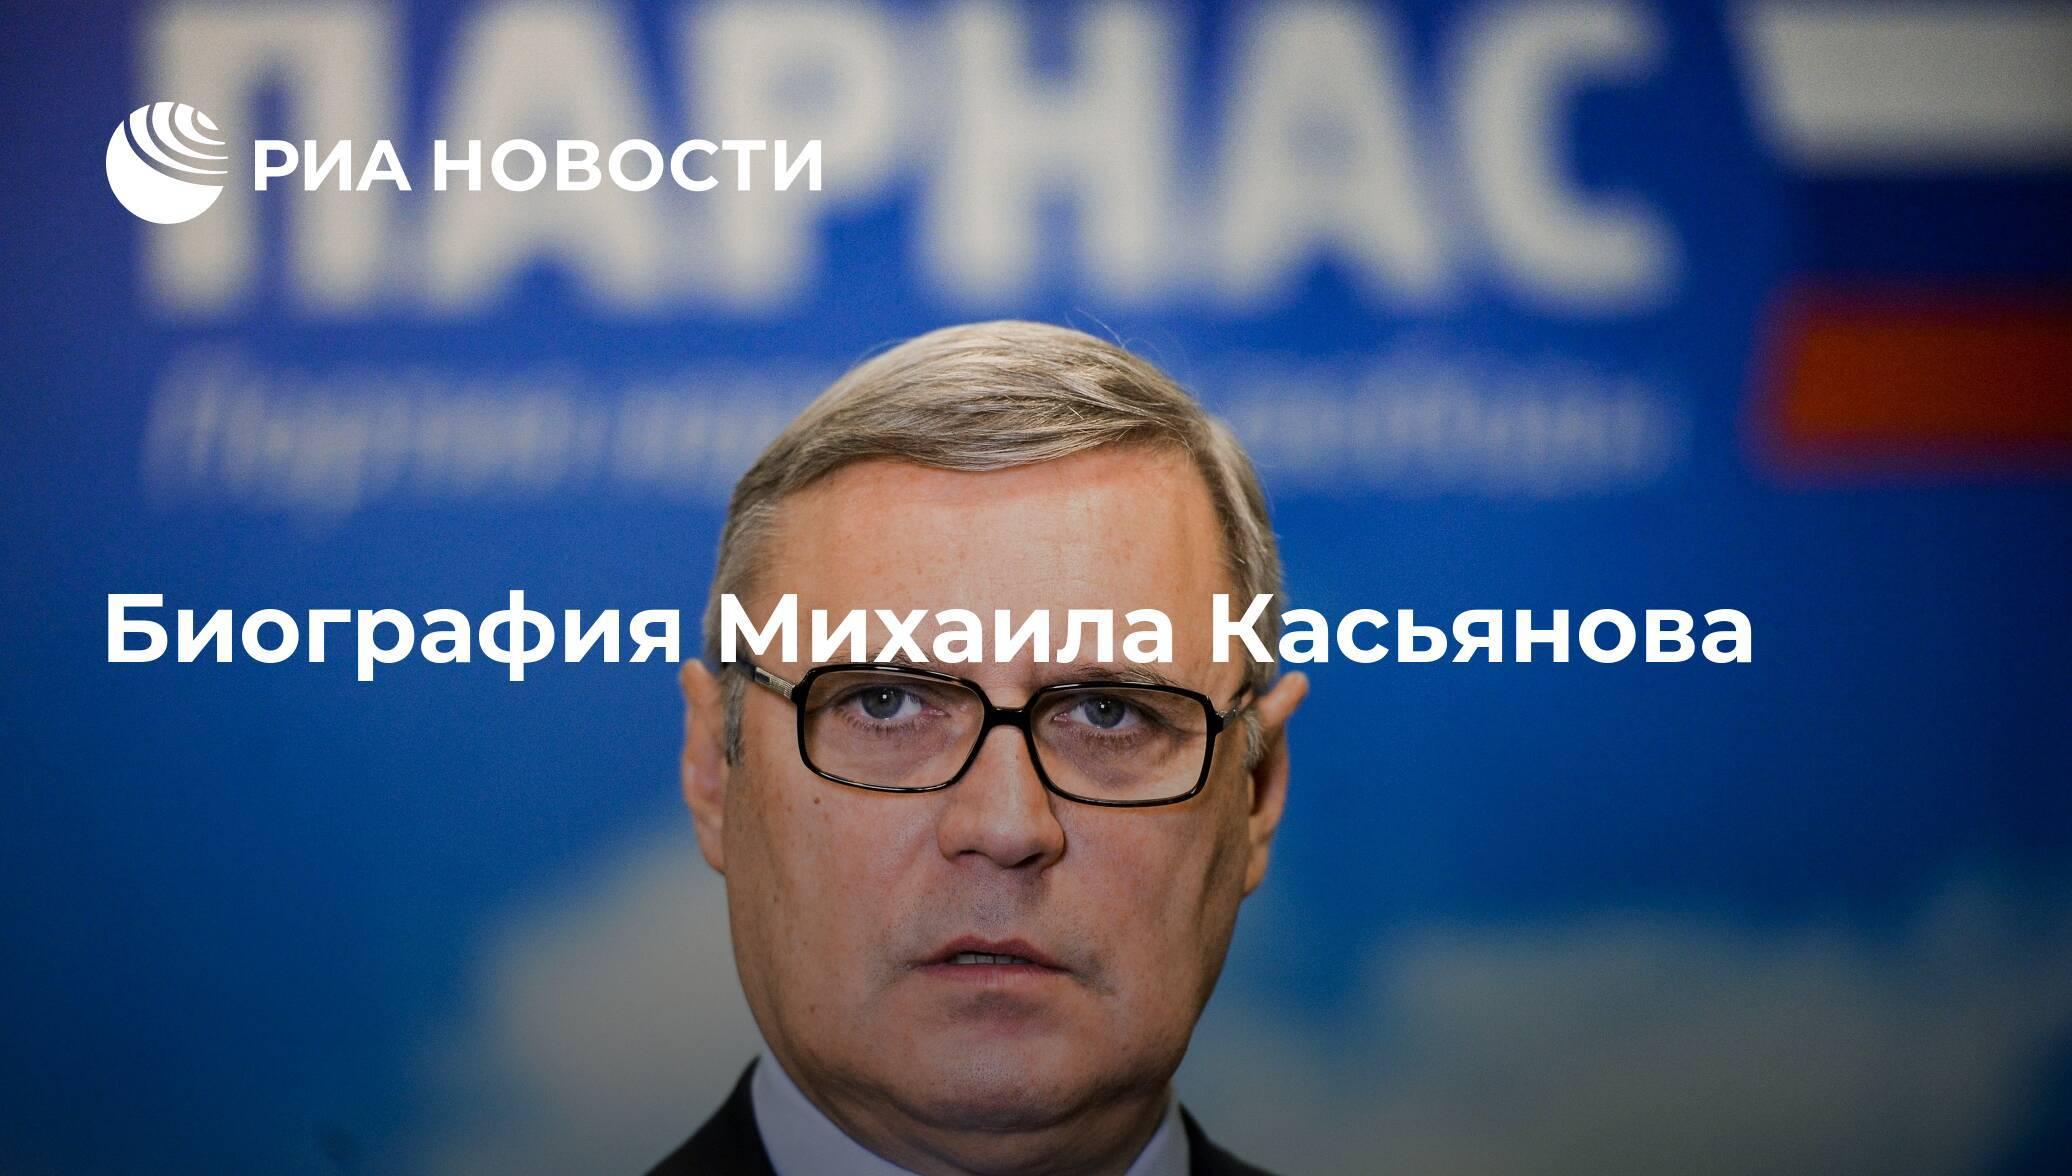 Михаил касьянов биография, фото, его жена 2018 | биографии